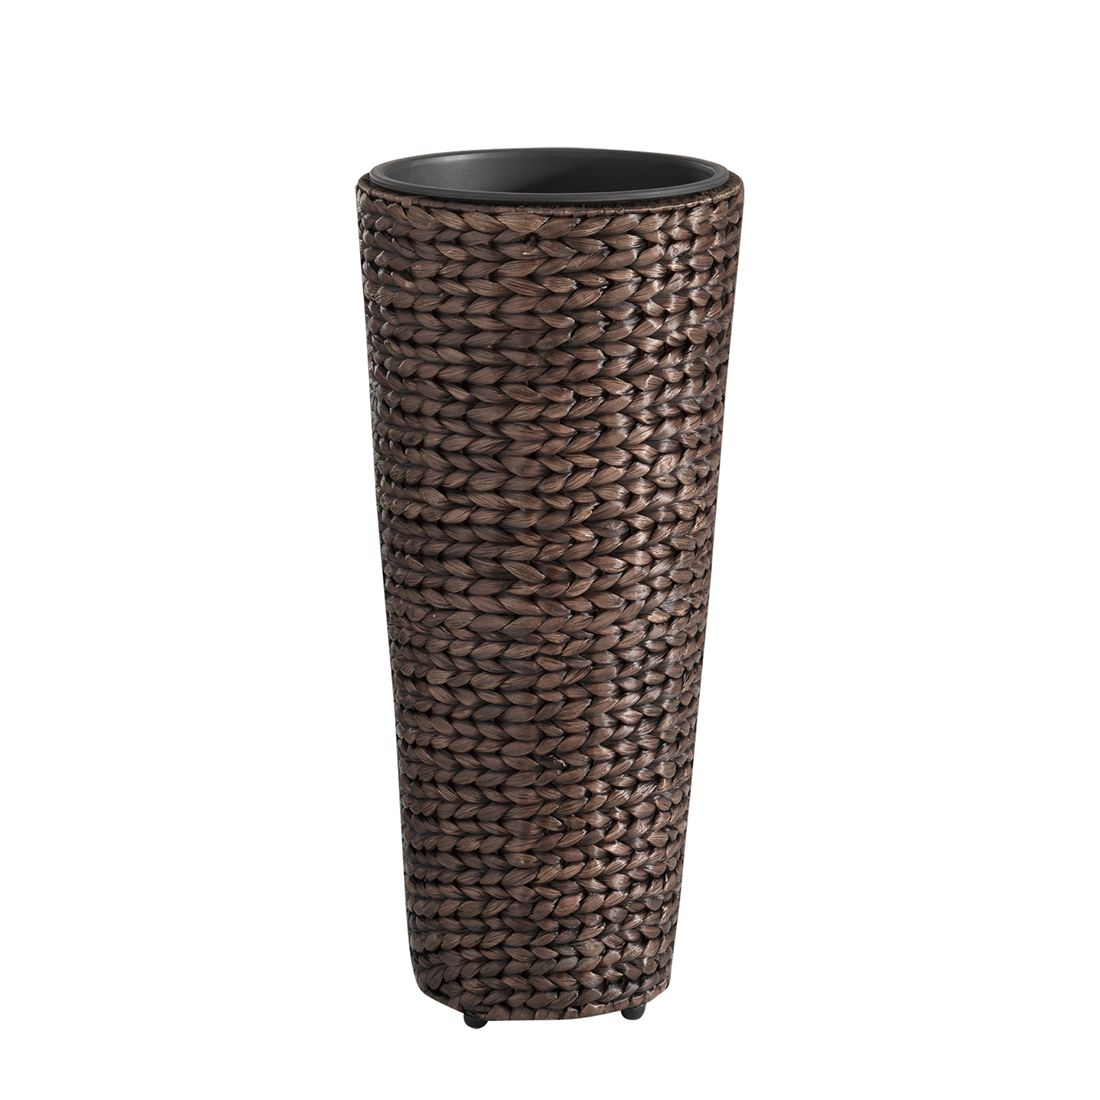 Pflanzkübel – 28 x 60 cm – Wasserhyazinthe – Waschbraun, Gartenfreude günstig bestellen